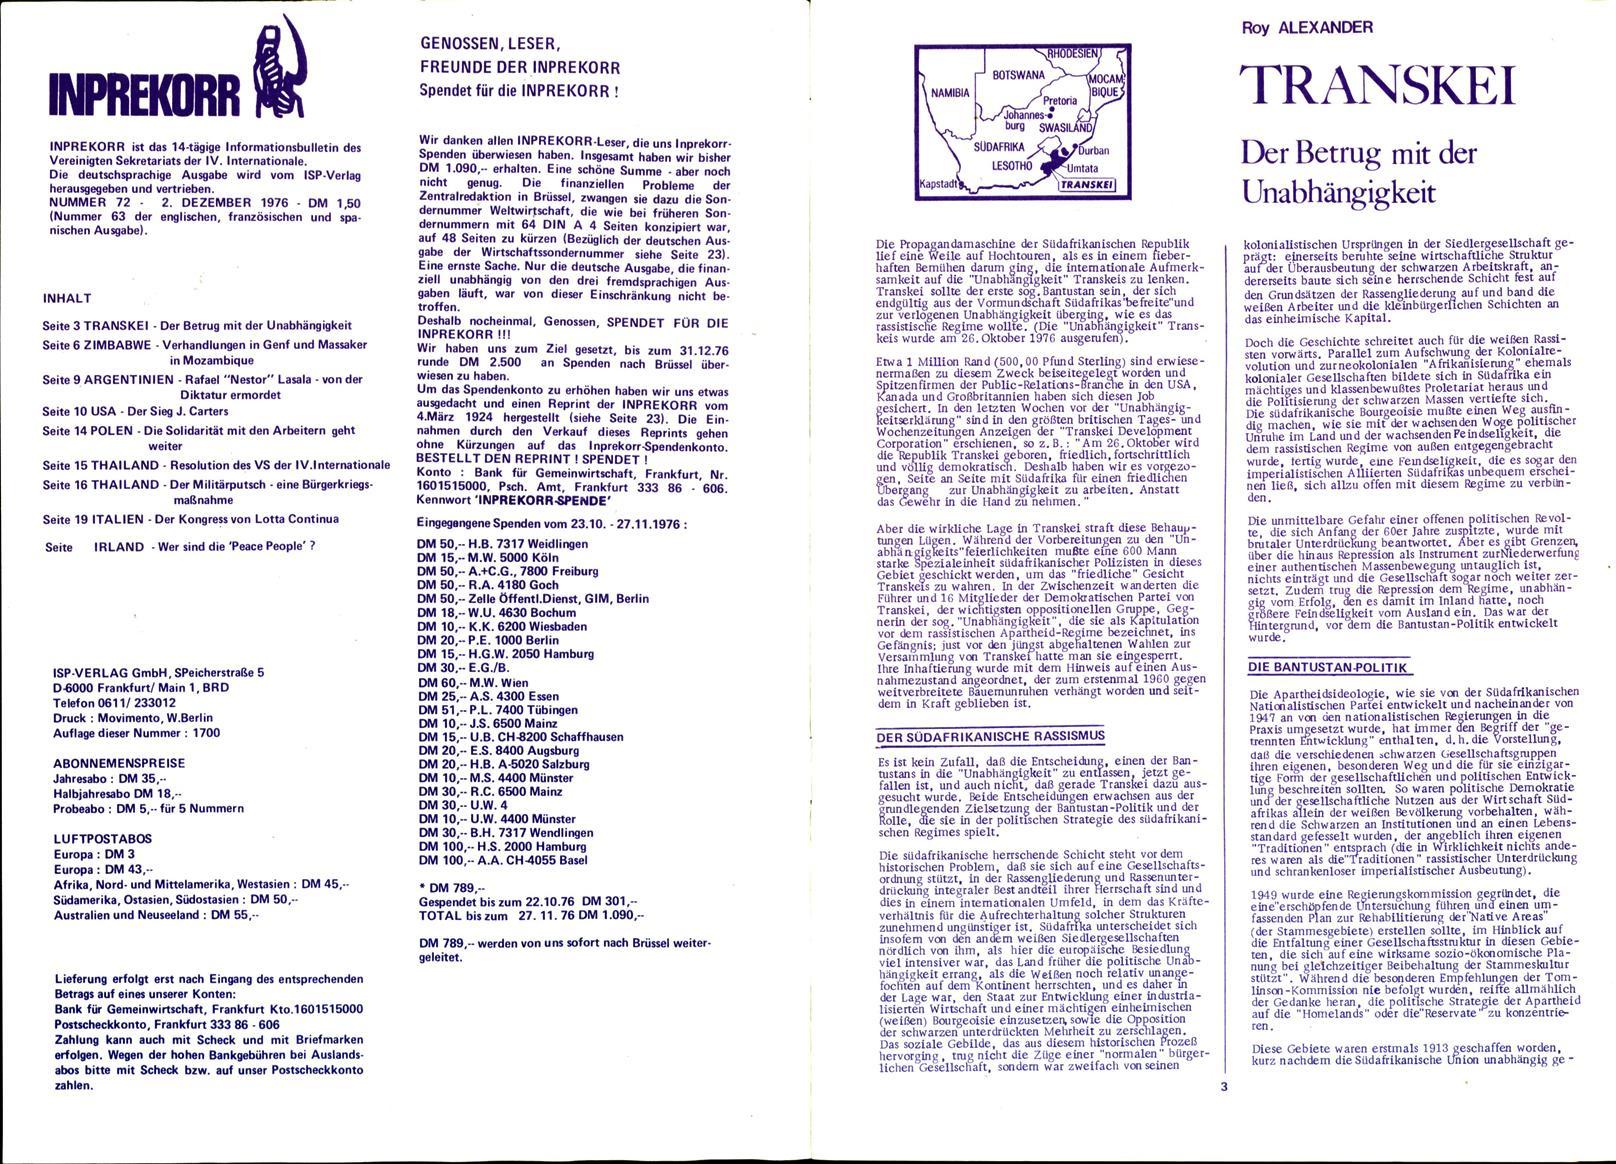 Inprekorr_19761202_072_002